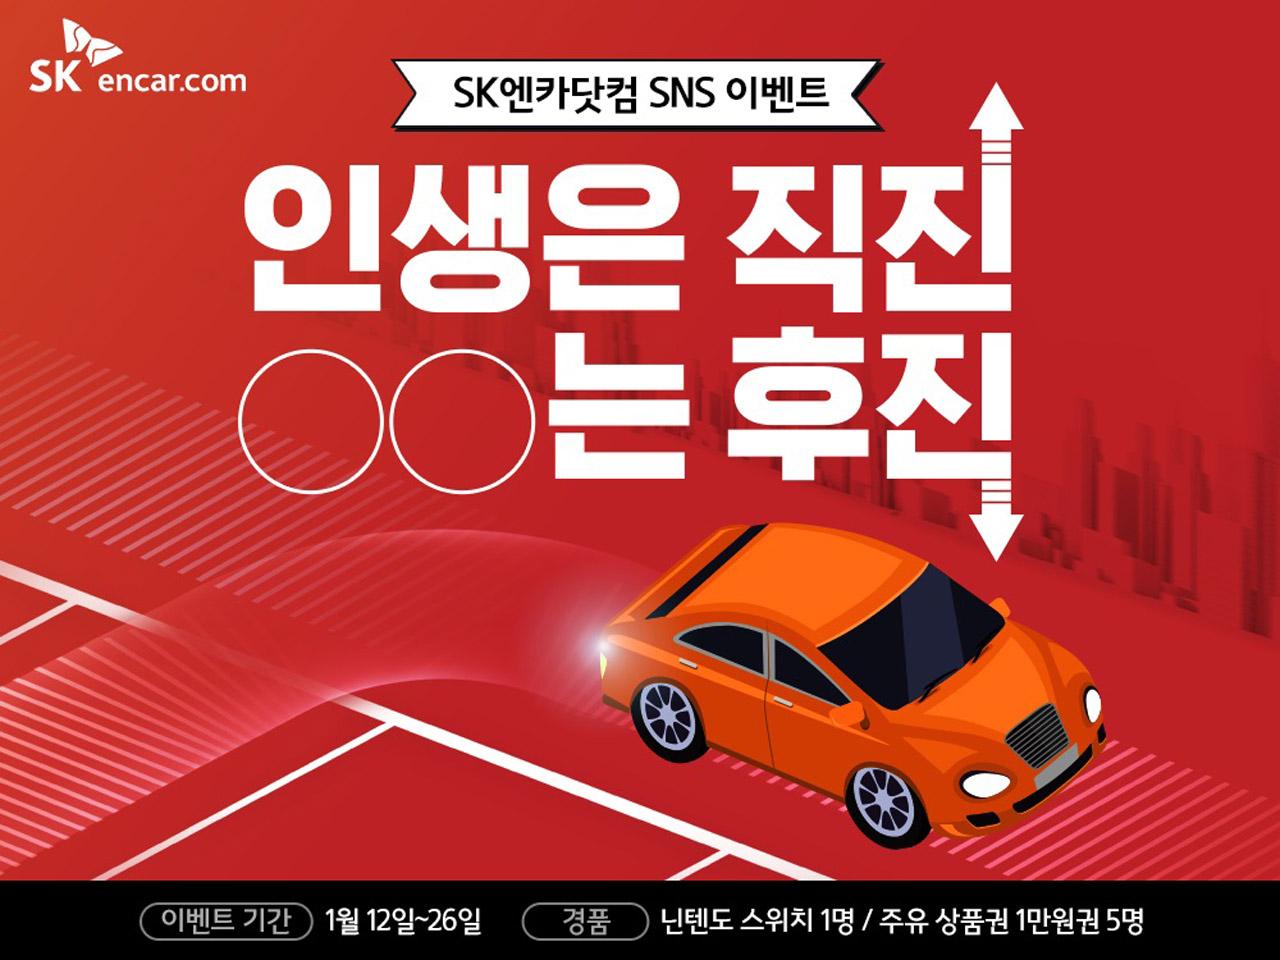 [첨부이미지] SK엔카닷컴, 이색 광고를 활용한 SNS 이벤트 실시